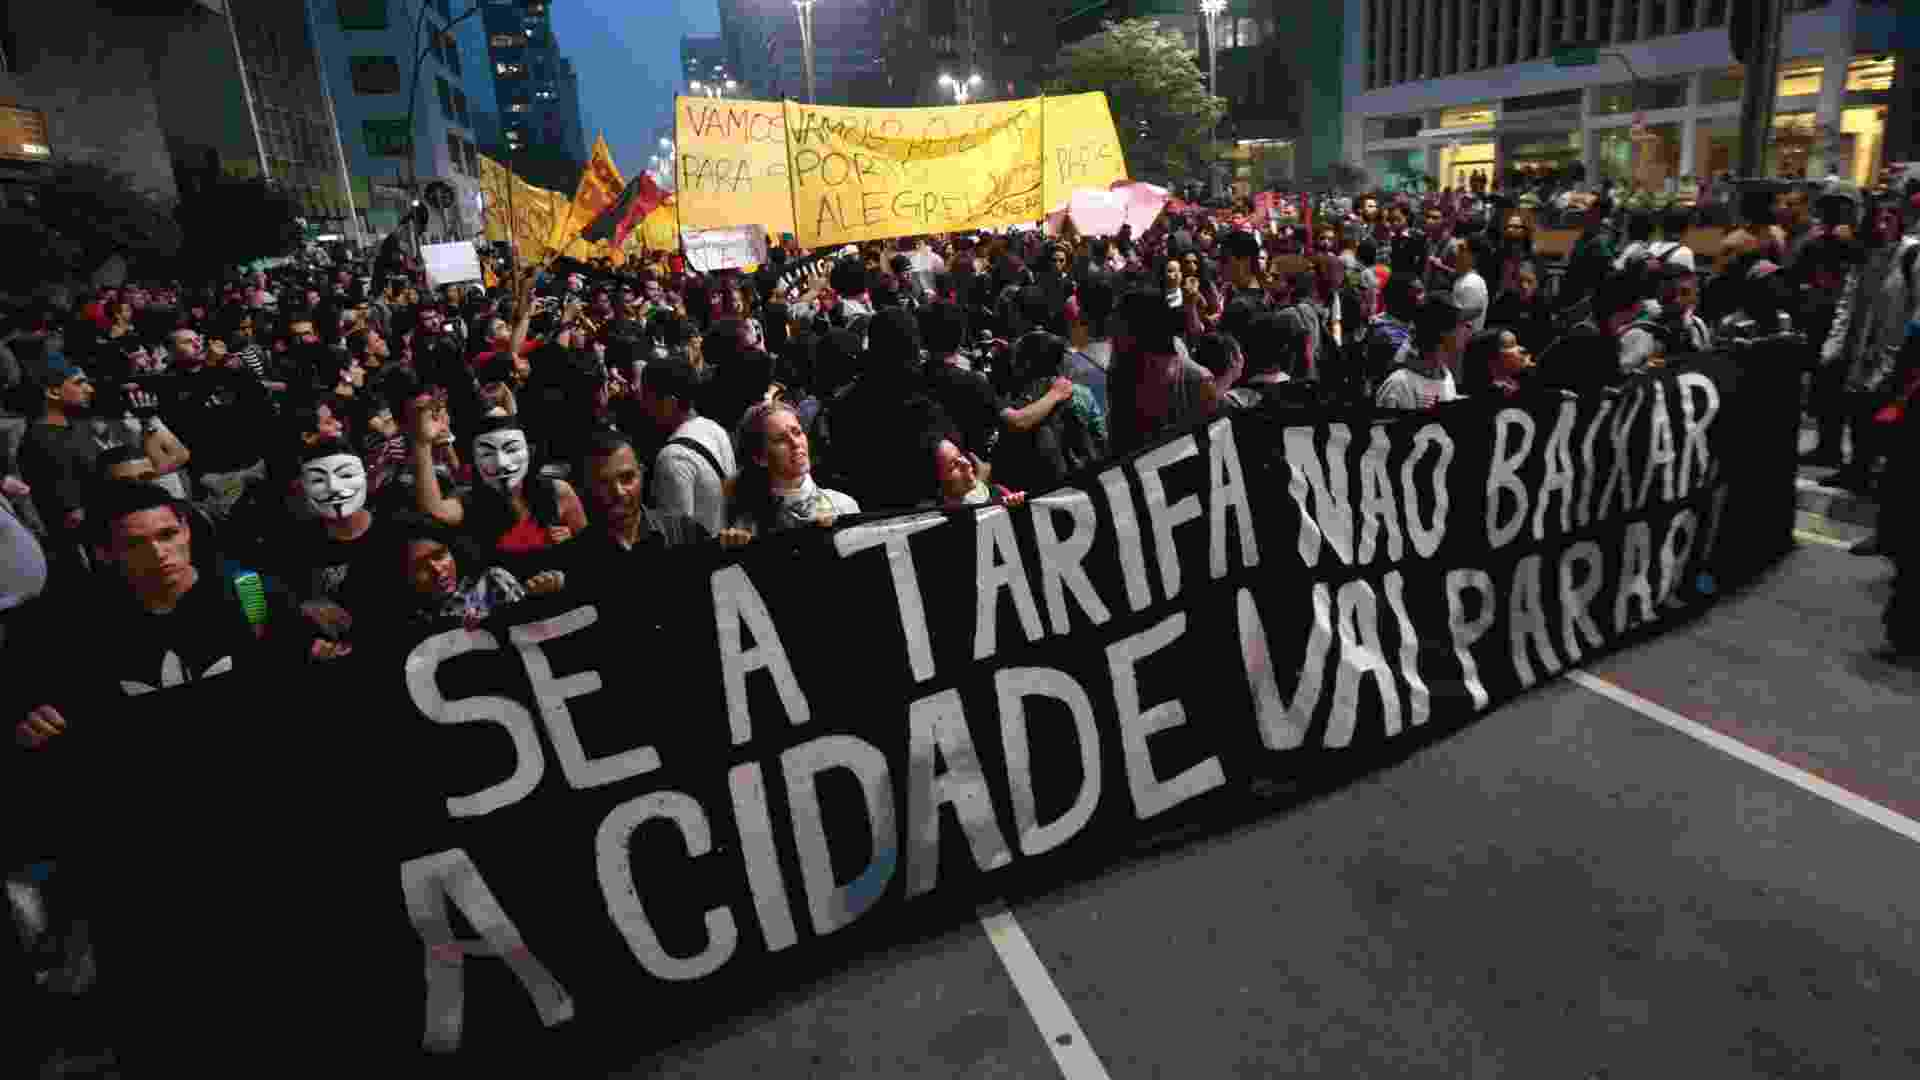 11.jun.2013 - Manifestantes tomam a avenida Paulista, na altura da praça do Ciclista, durante protesto pela redução das tarifas do transporte público em São Paulo - Fabio Braga/Folhapress